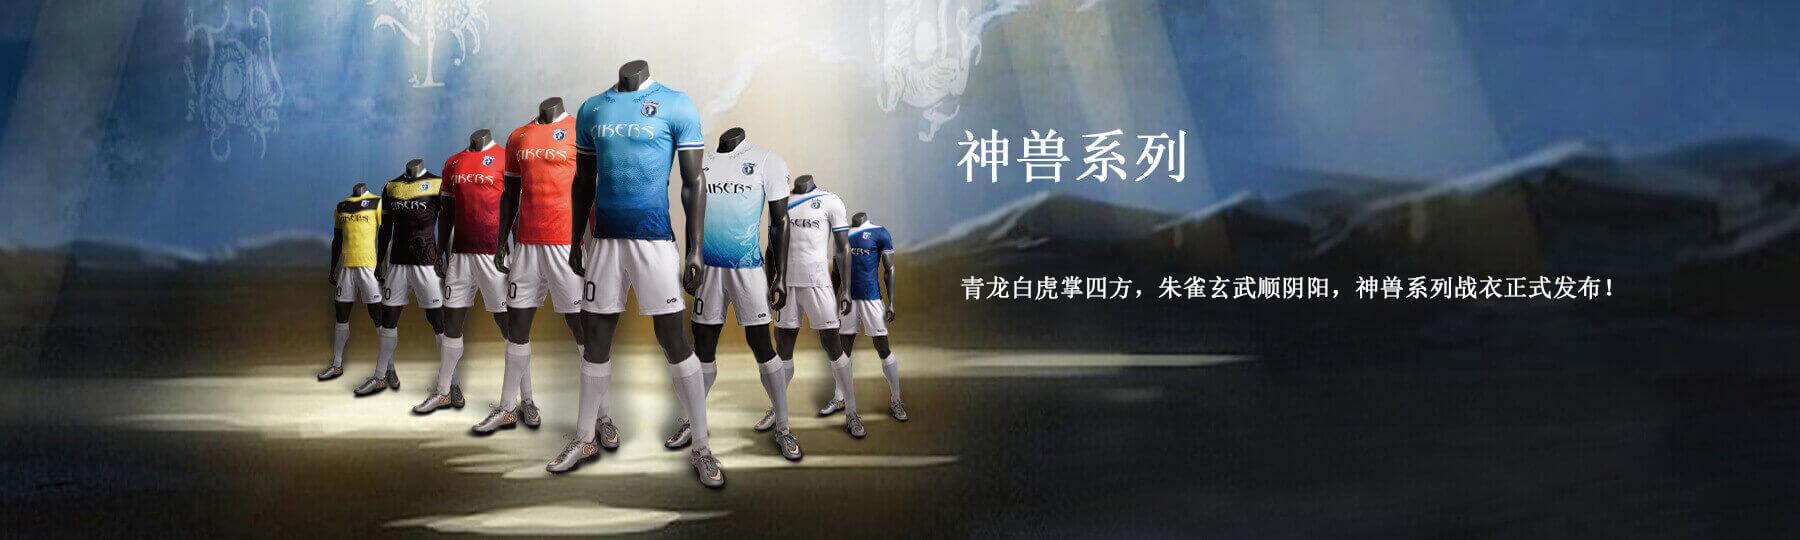 神獸系列足球比賽服